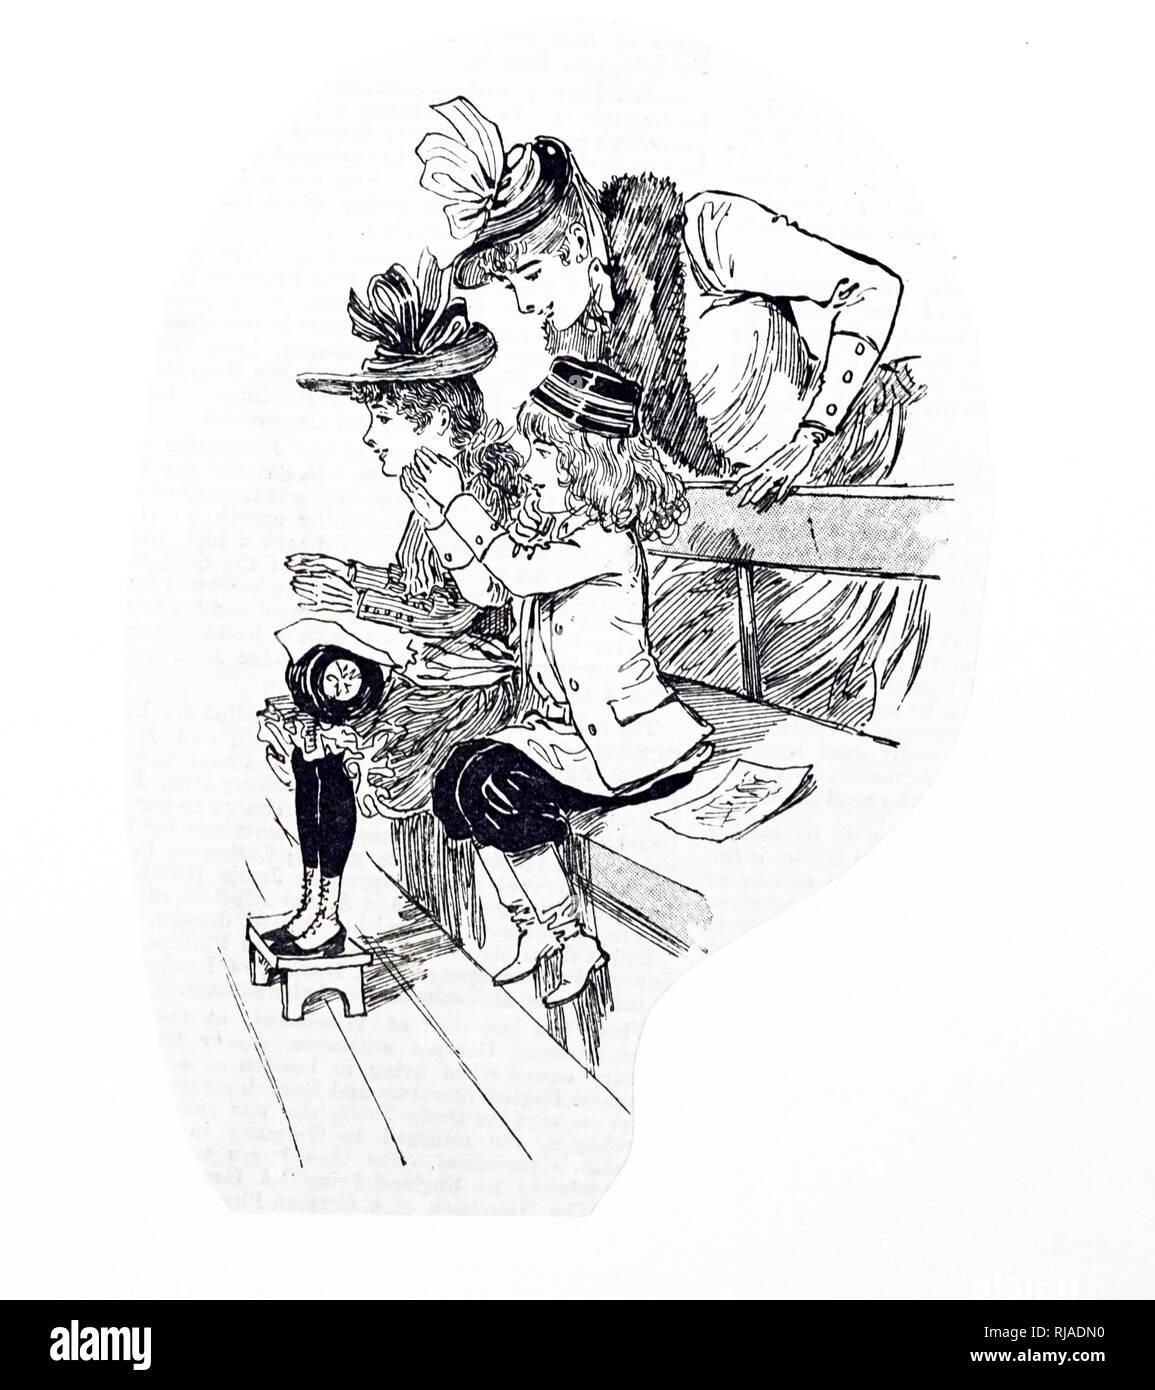 Eine Gravur, die französische Kinder im Zirkus, eine der traditionellen Unterhaltung über Weihnachten. Illustriert von Ethel Mars (1876-1959) eine Amerikanische Holzschnitt Künstler und Kinderbuch Illustrator. Vom 19. Jahrhundert Stockbild